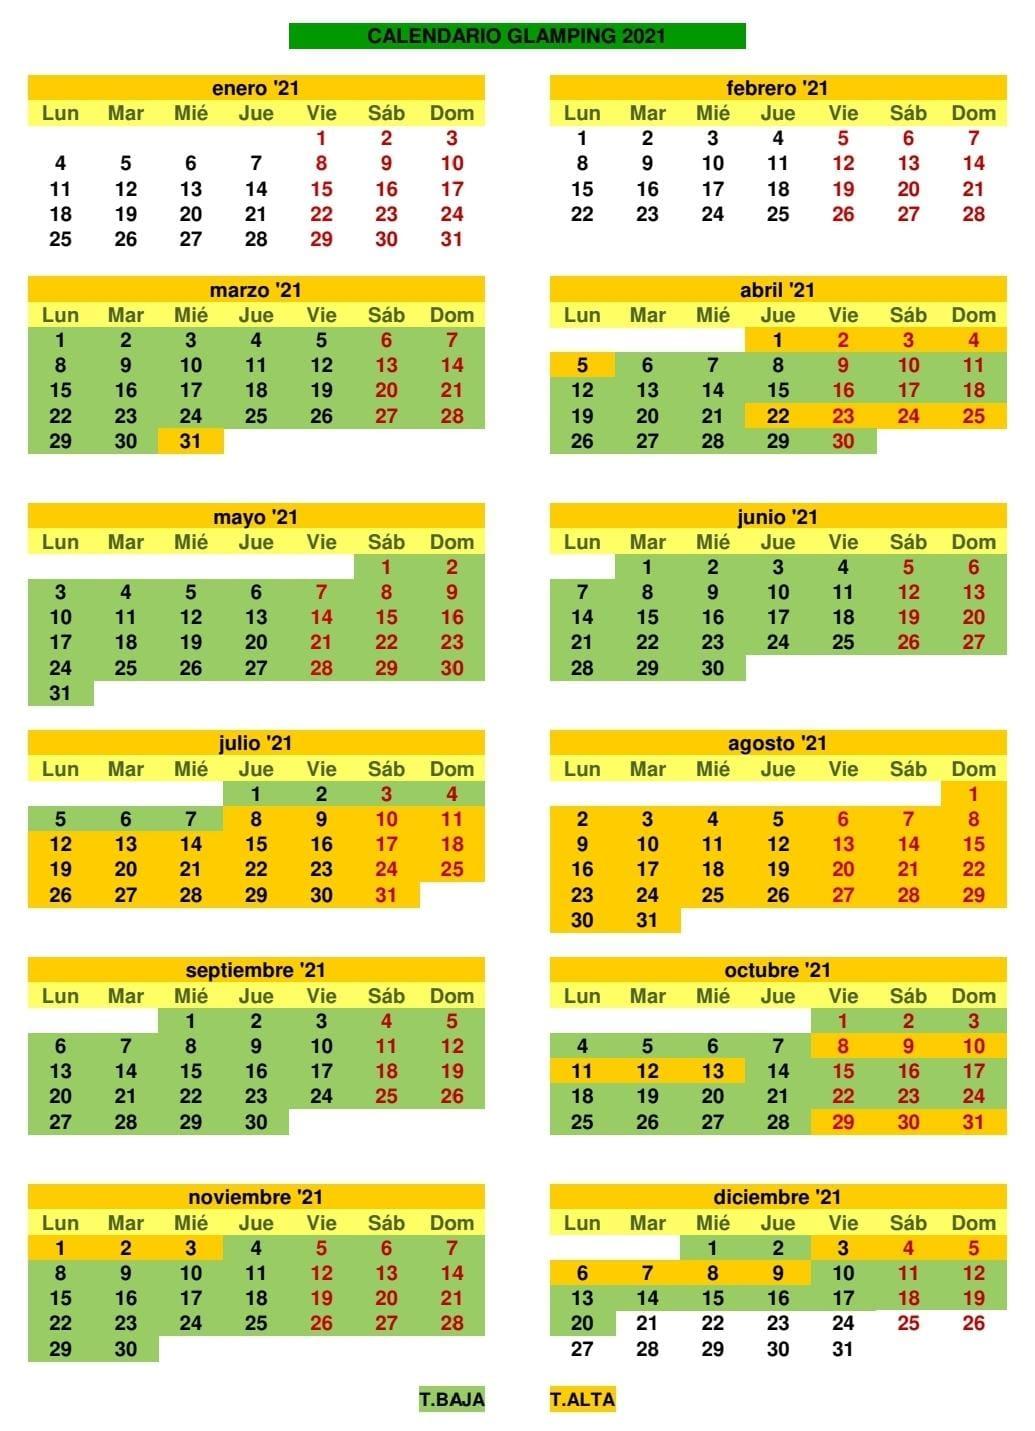 Calendario Glamping 2021